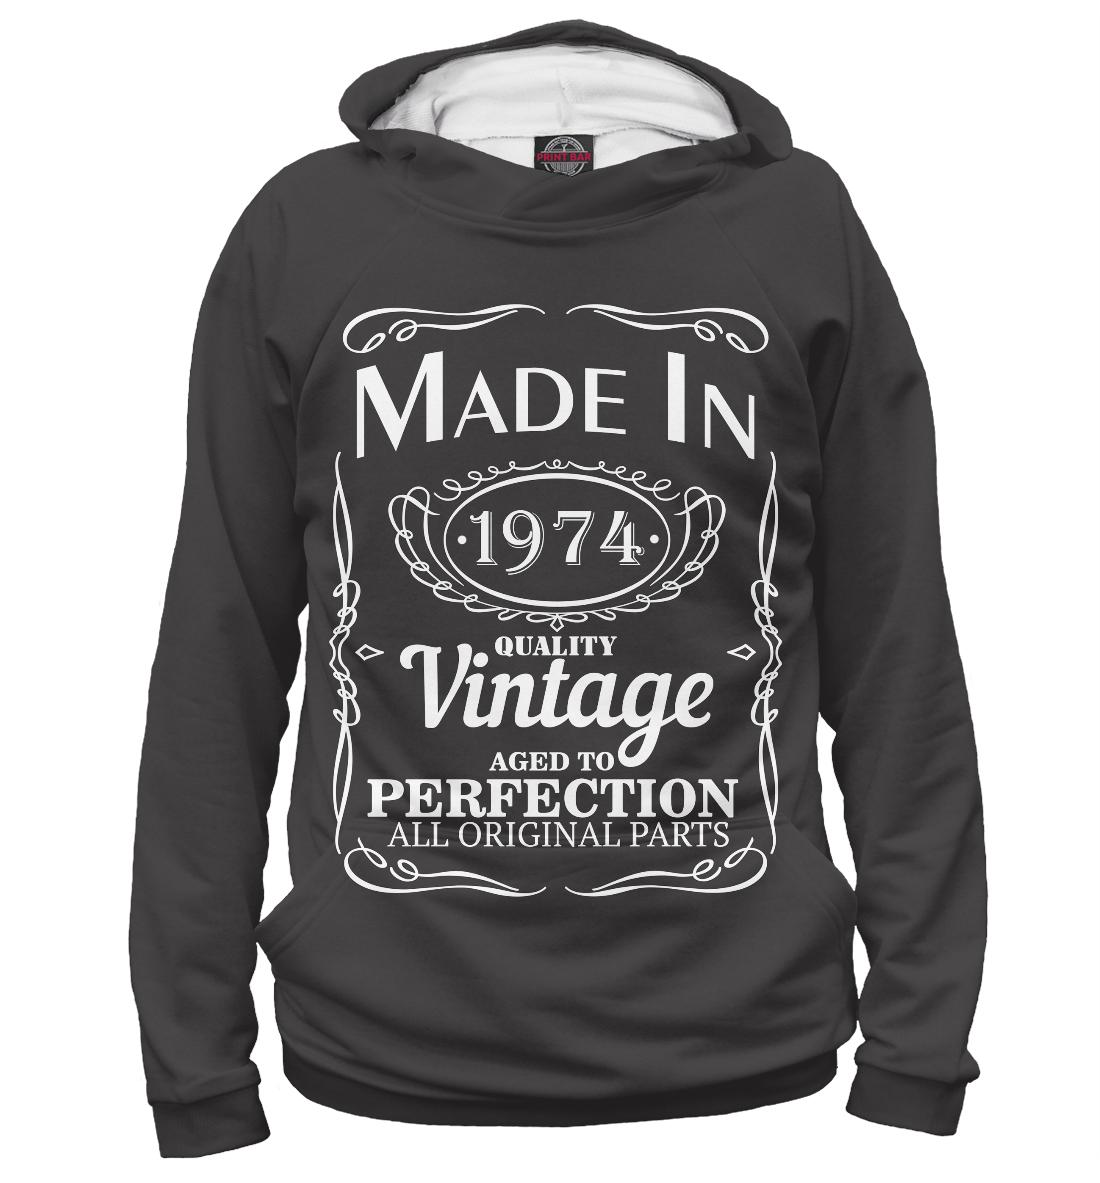 Купить Сделано в 1974, Printbar, Худи, DSC-883978-hud-1